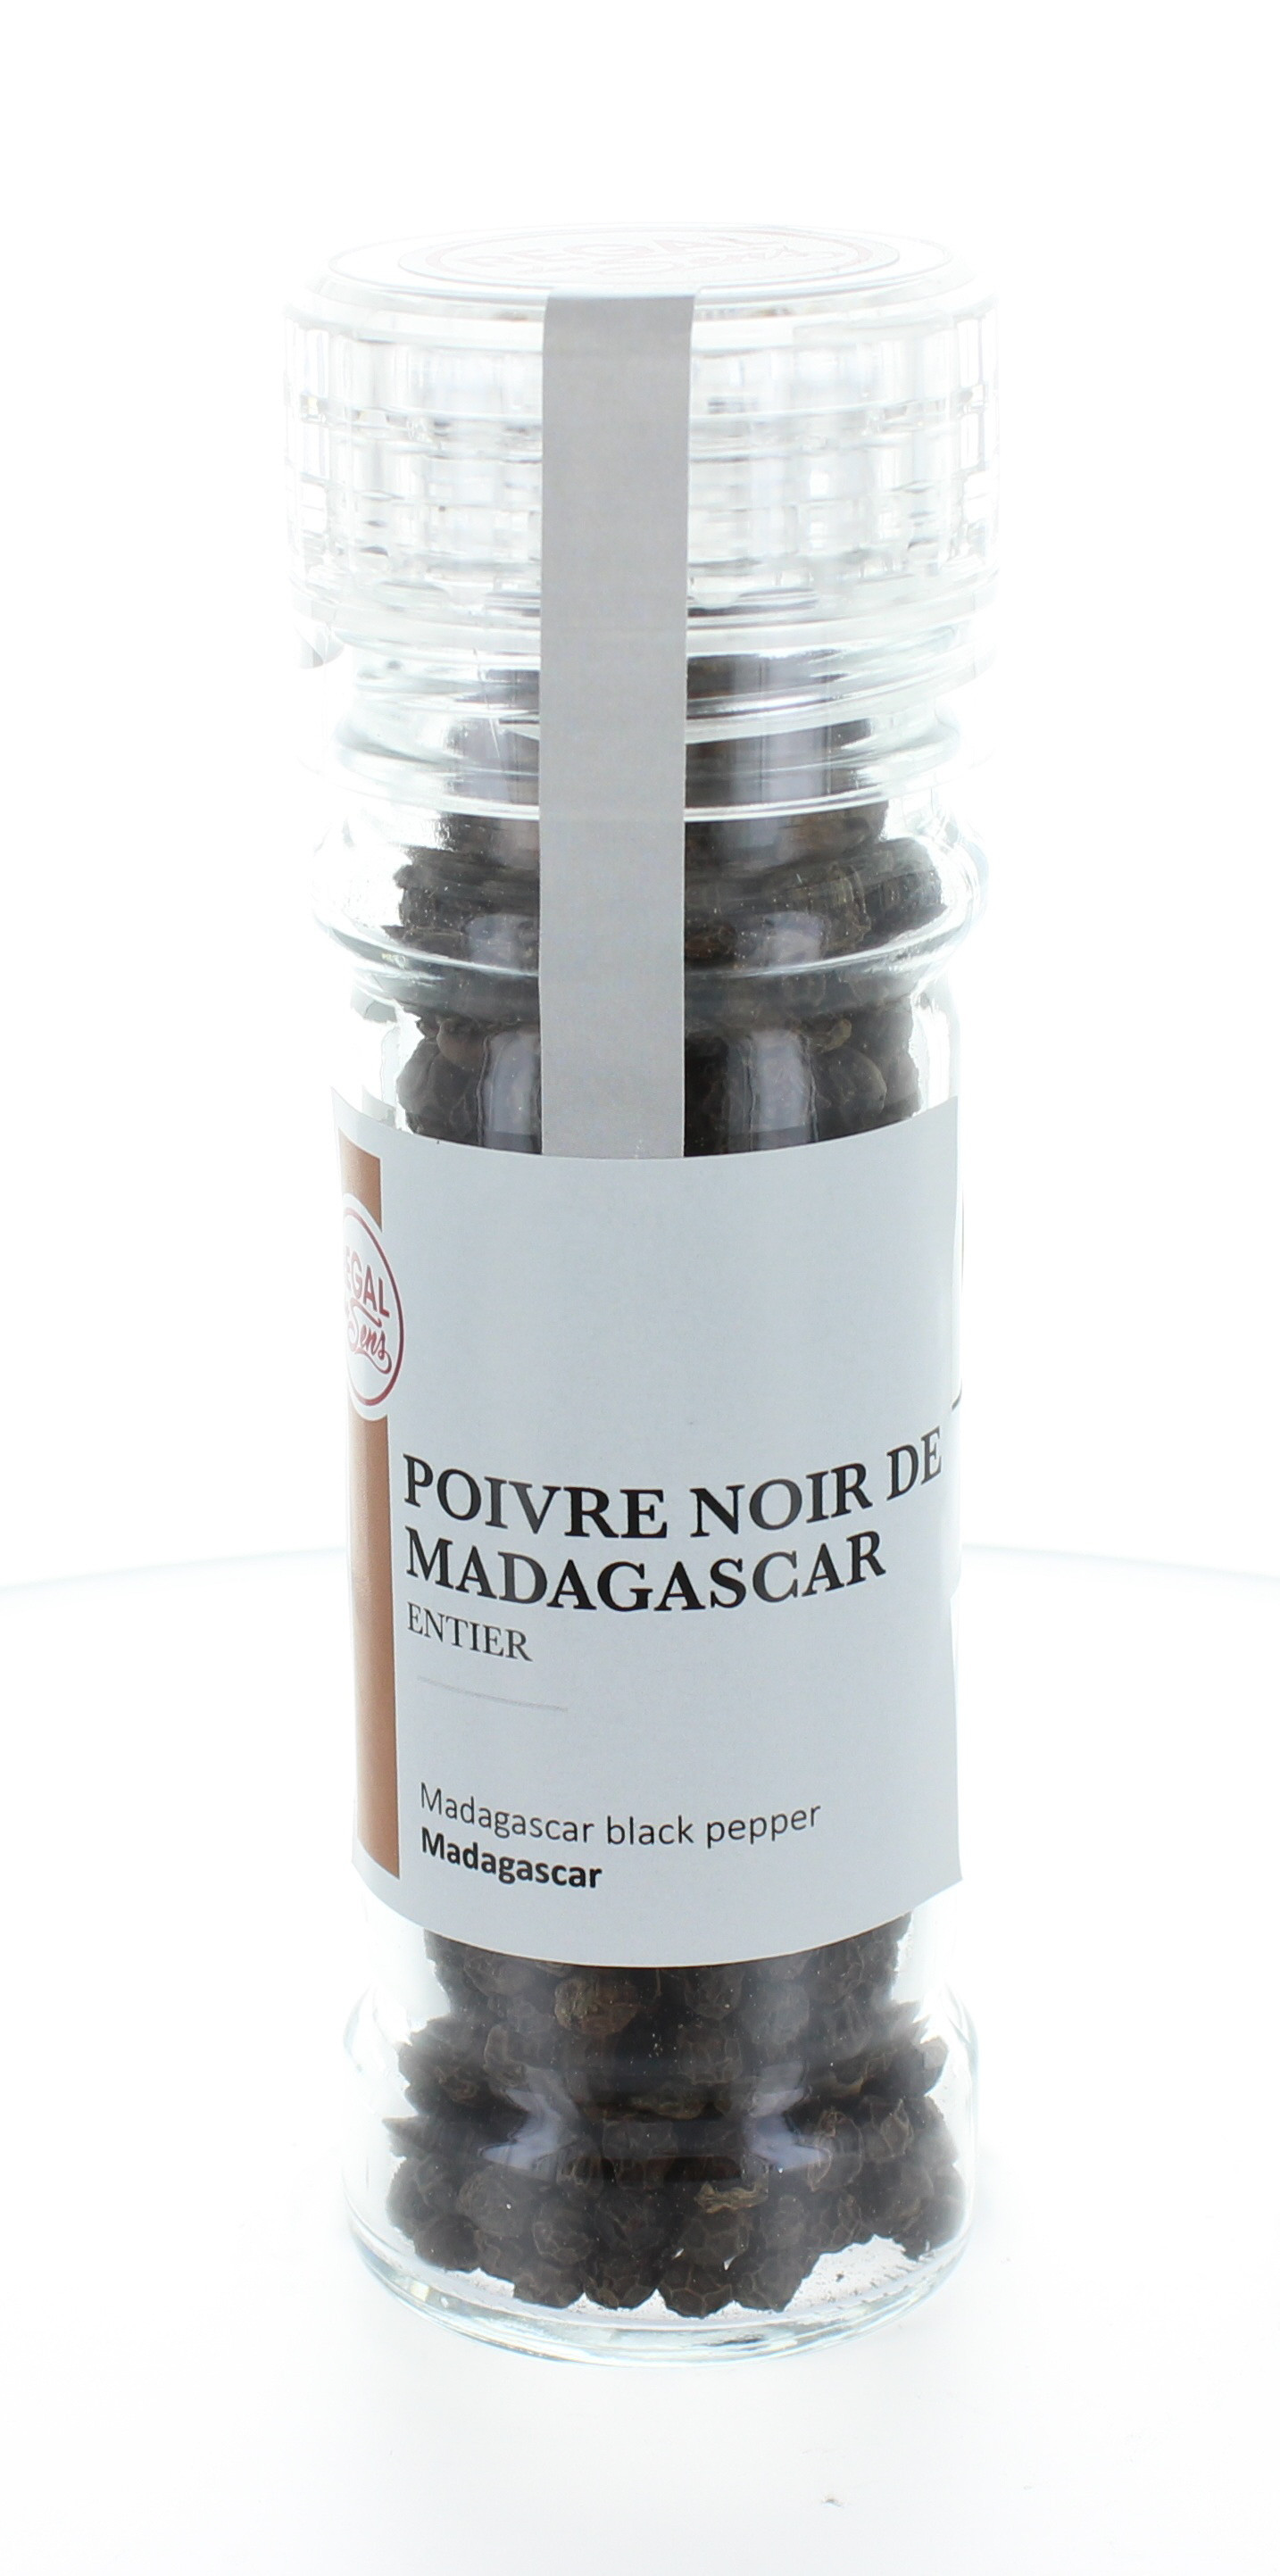 Poivre noir de Madagascar - Regal des Sens